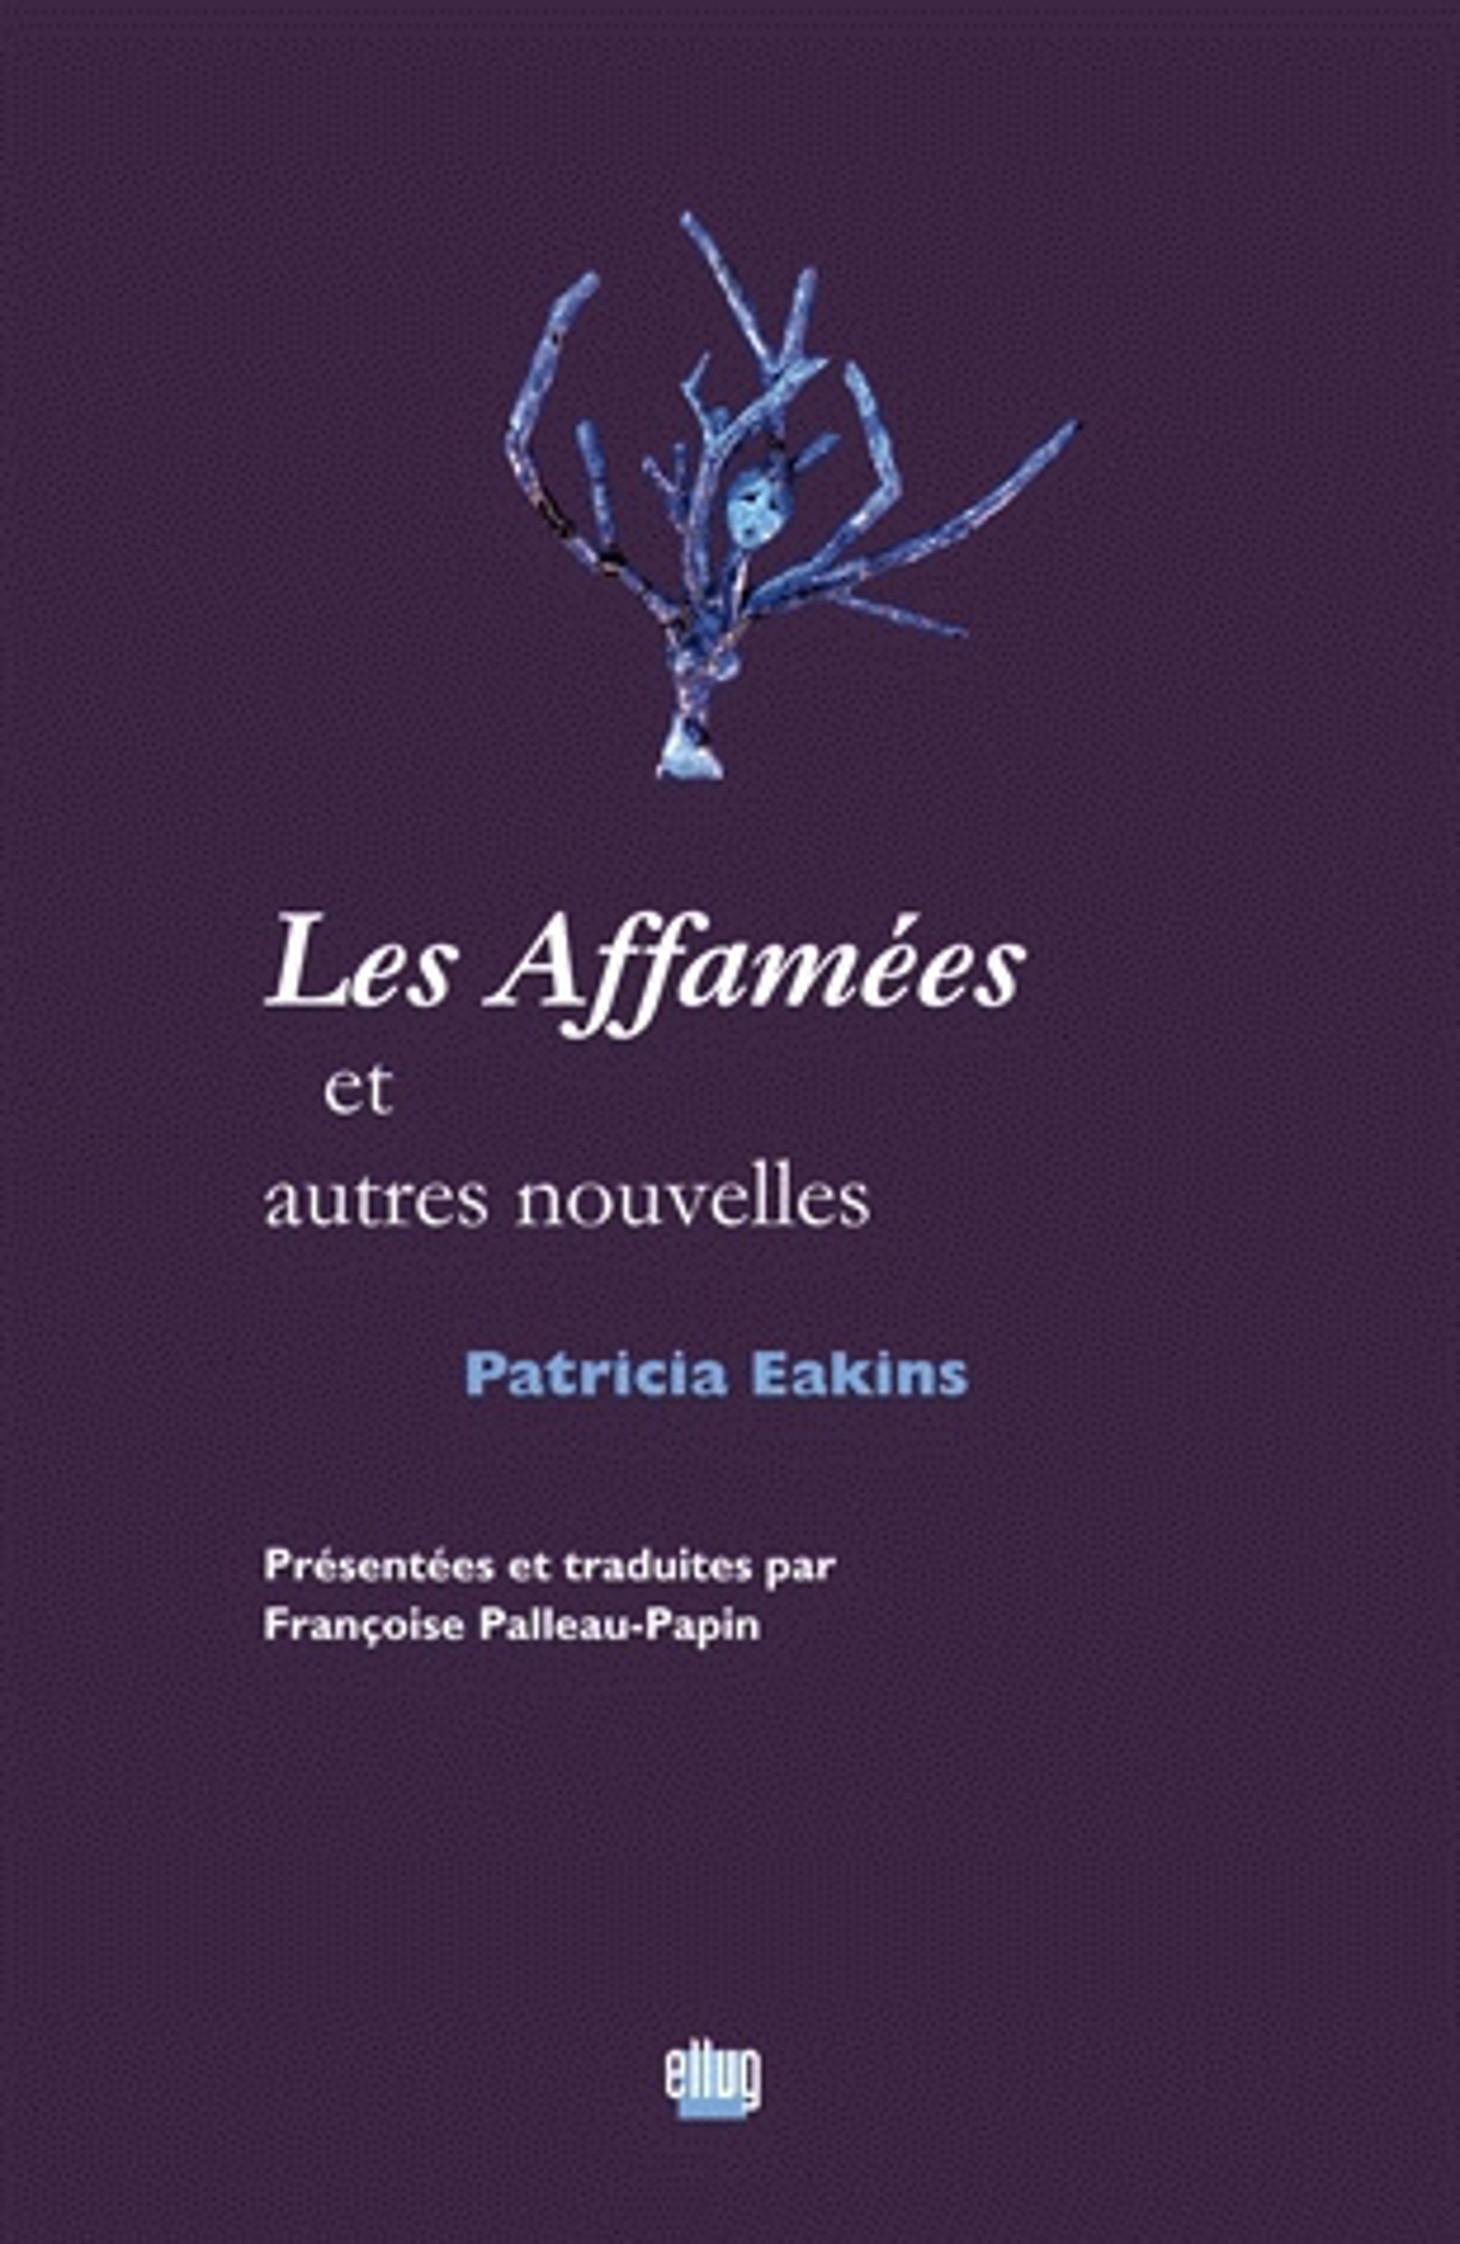 Couverture Les Affamées de Patricia Eakins